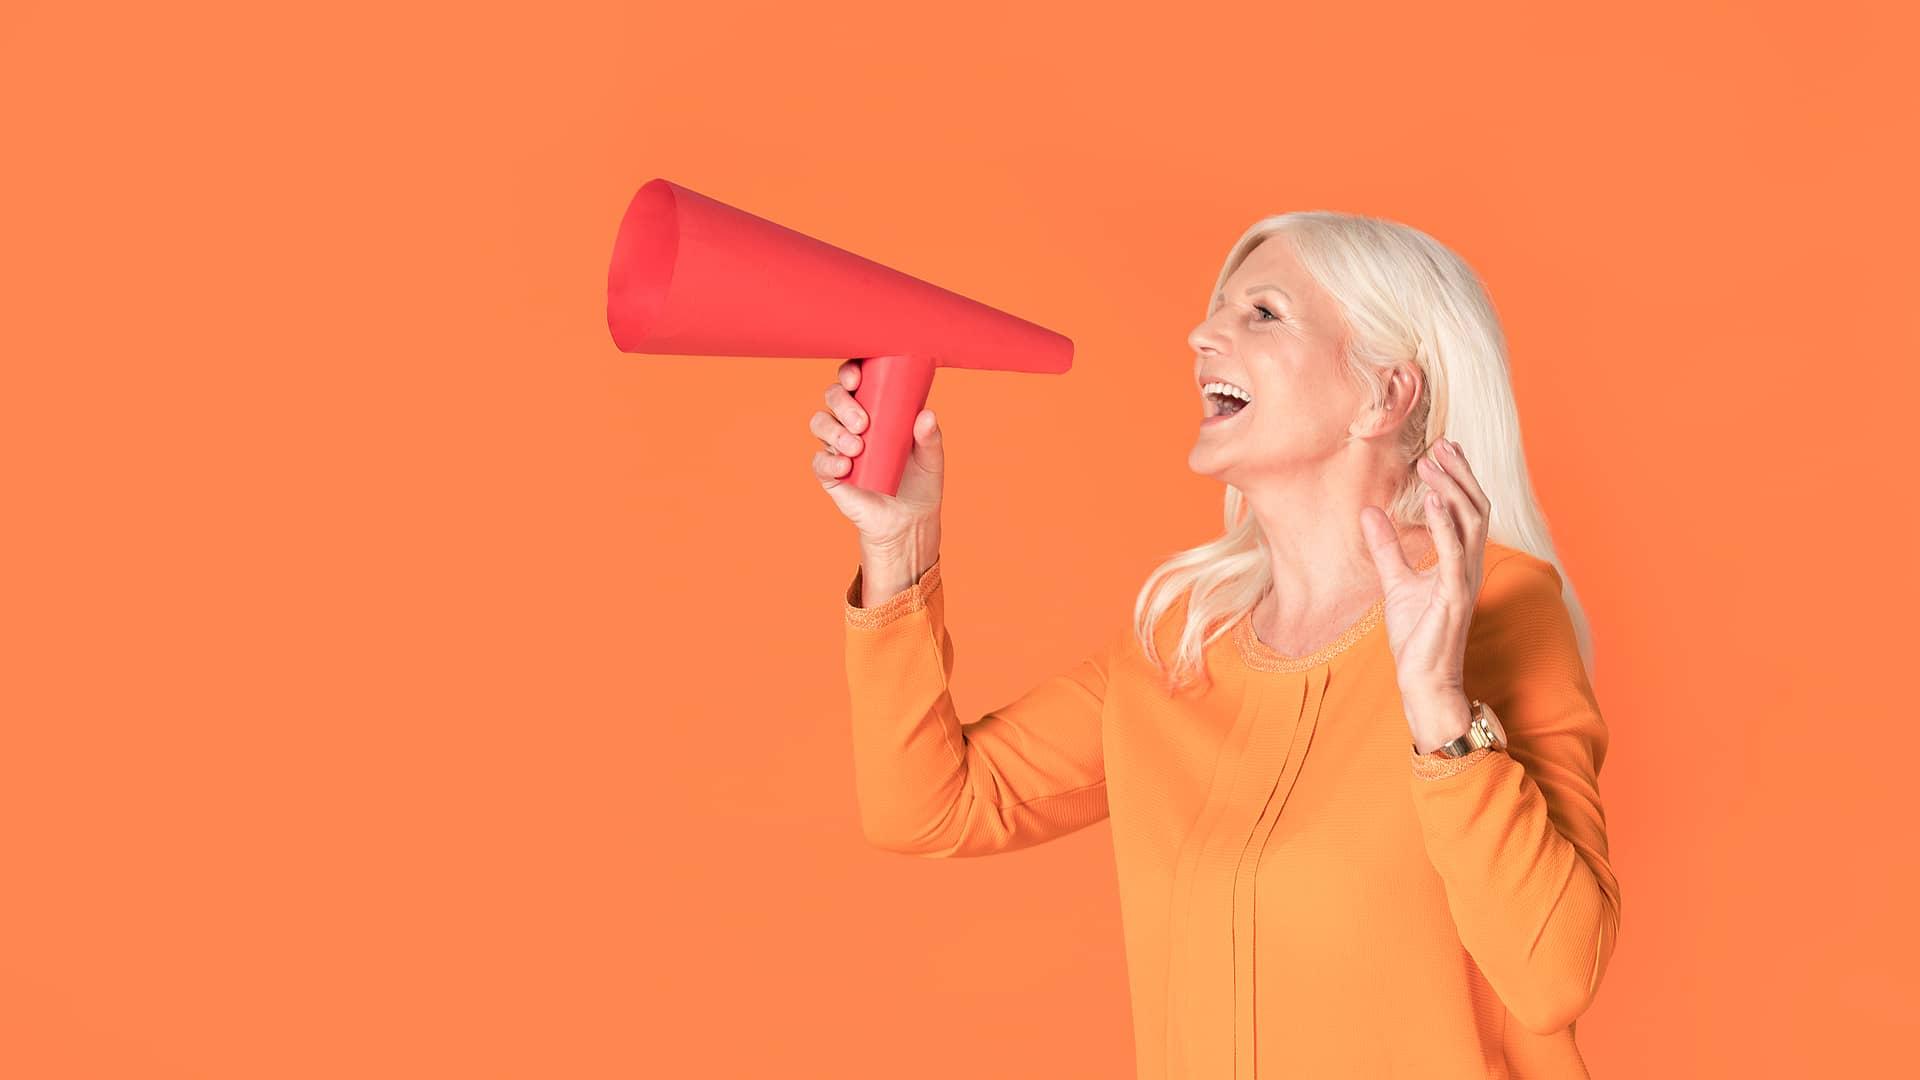 Mujer con megáfono anunciando las ofertas de simyo